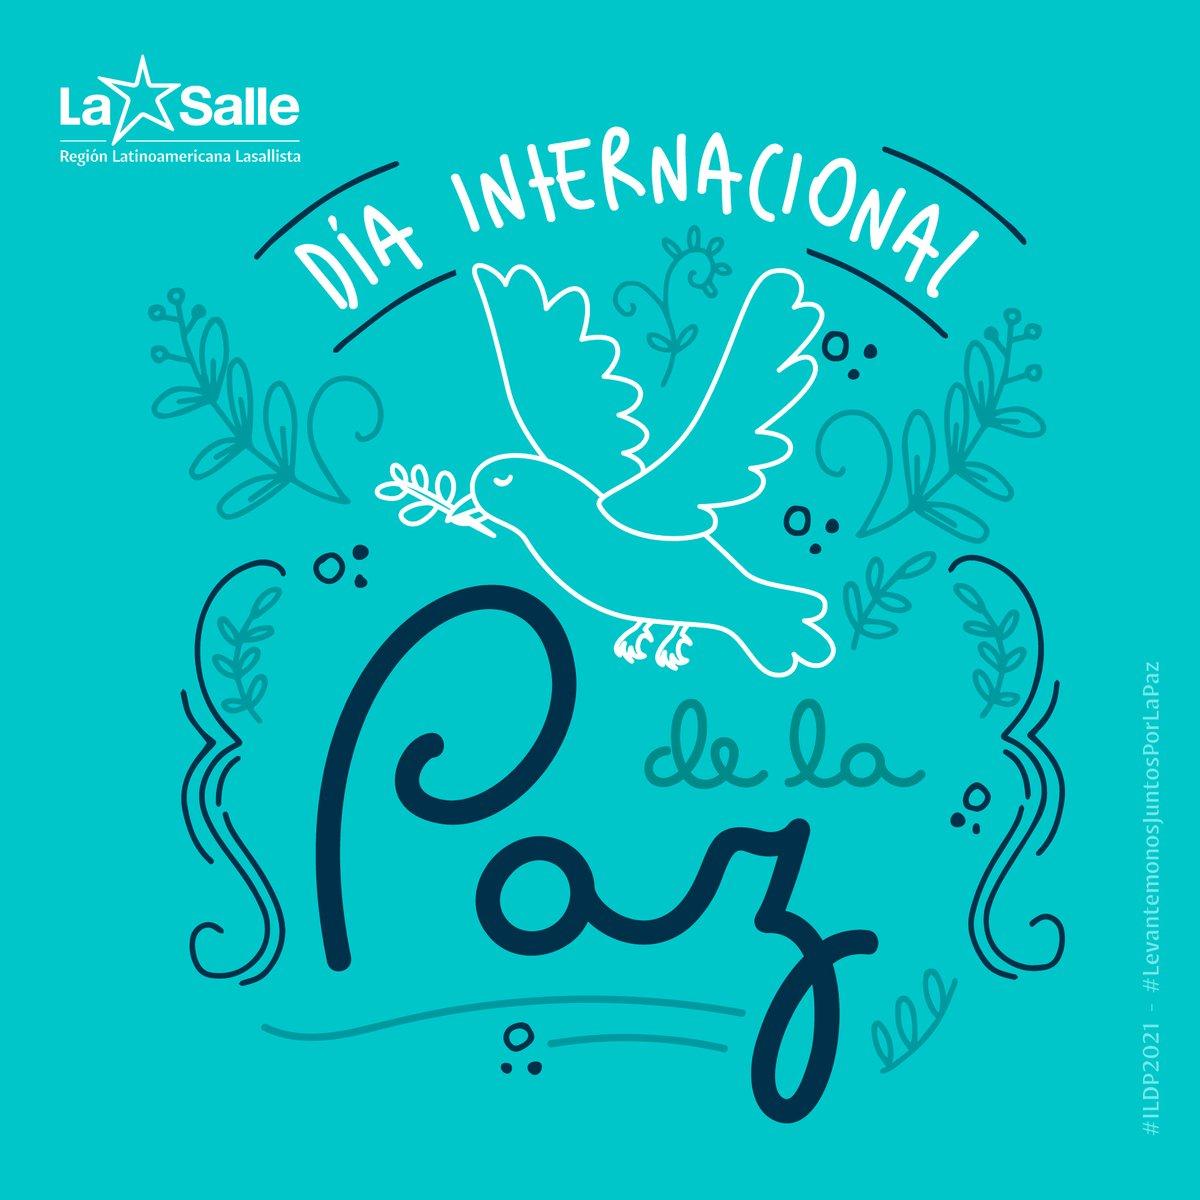 #DiaInternacionalDeLaPaz 🕊  🌟 LASALLISTAS ¡Levantemos juntos por la Paz! . #21Sept #ILDP2021 #SomosLaRELAL  #LevantemonosJuntosPorLaPaz